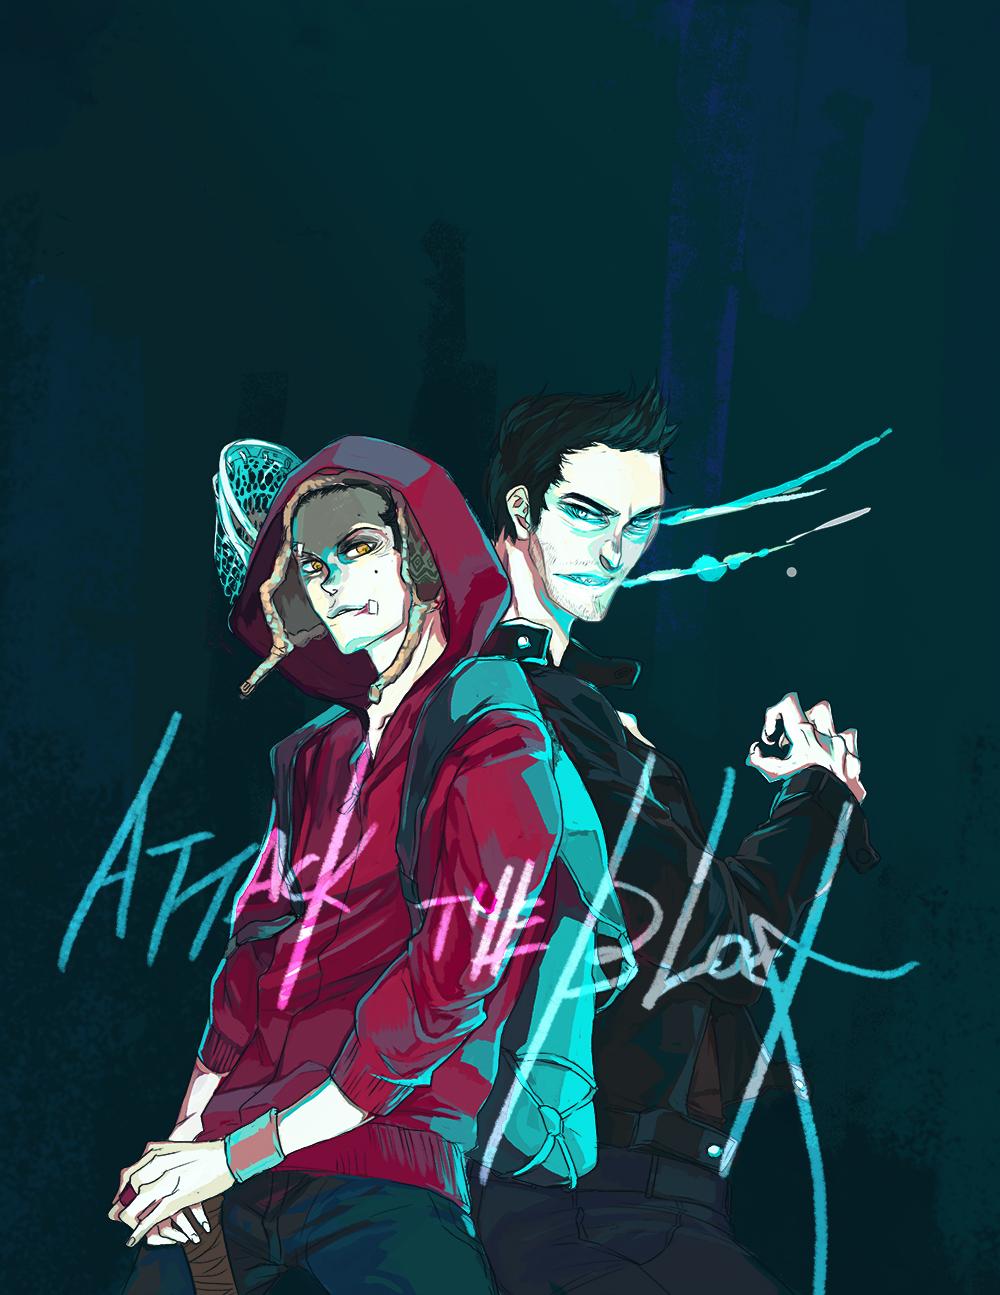 teen wolf - zerochan anime image board